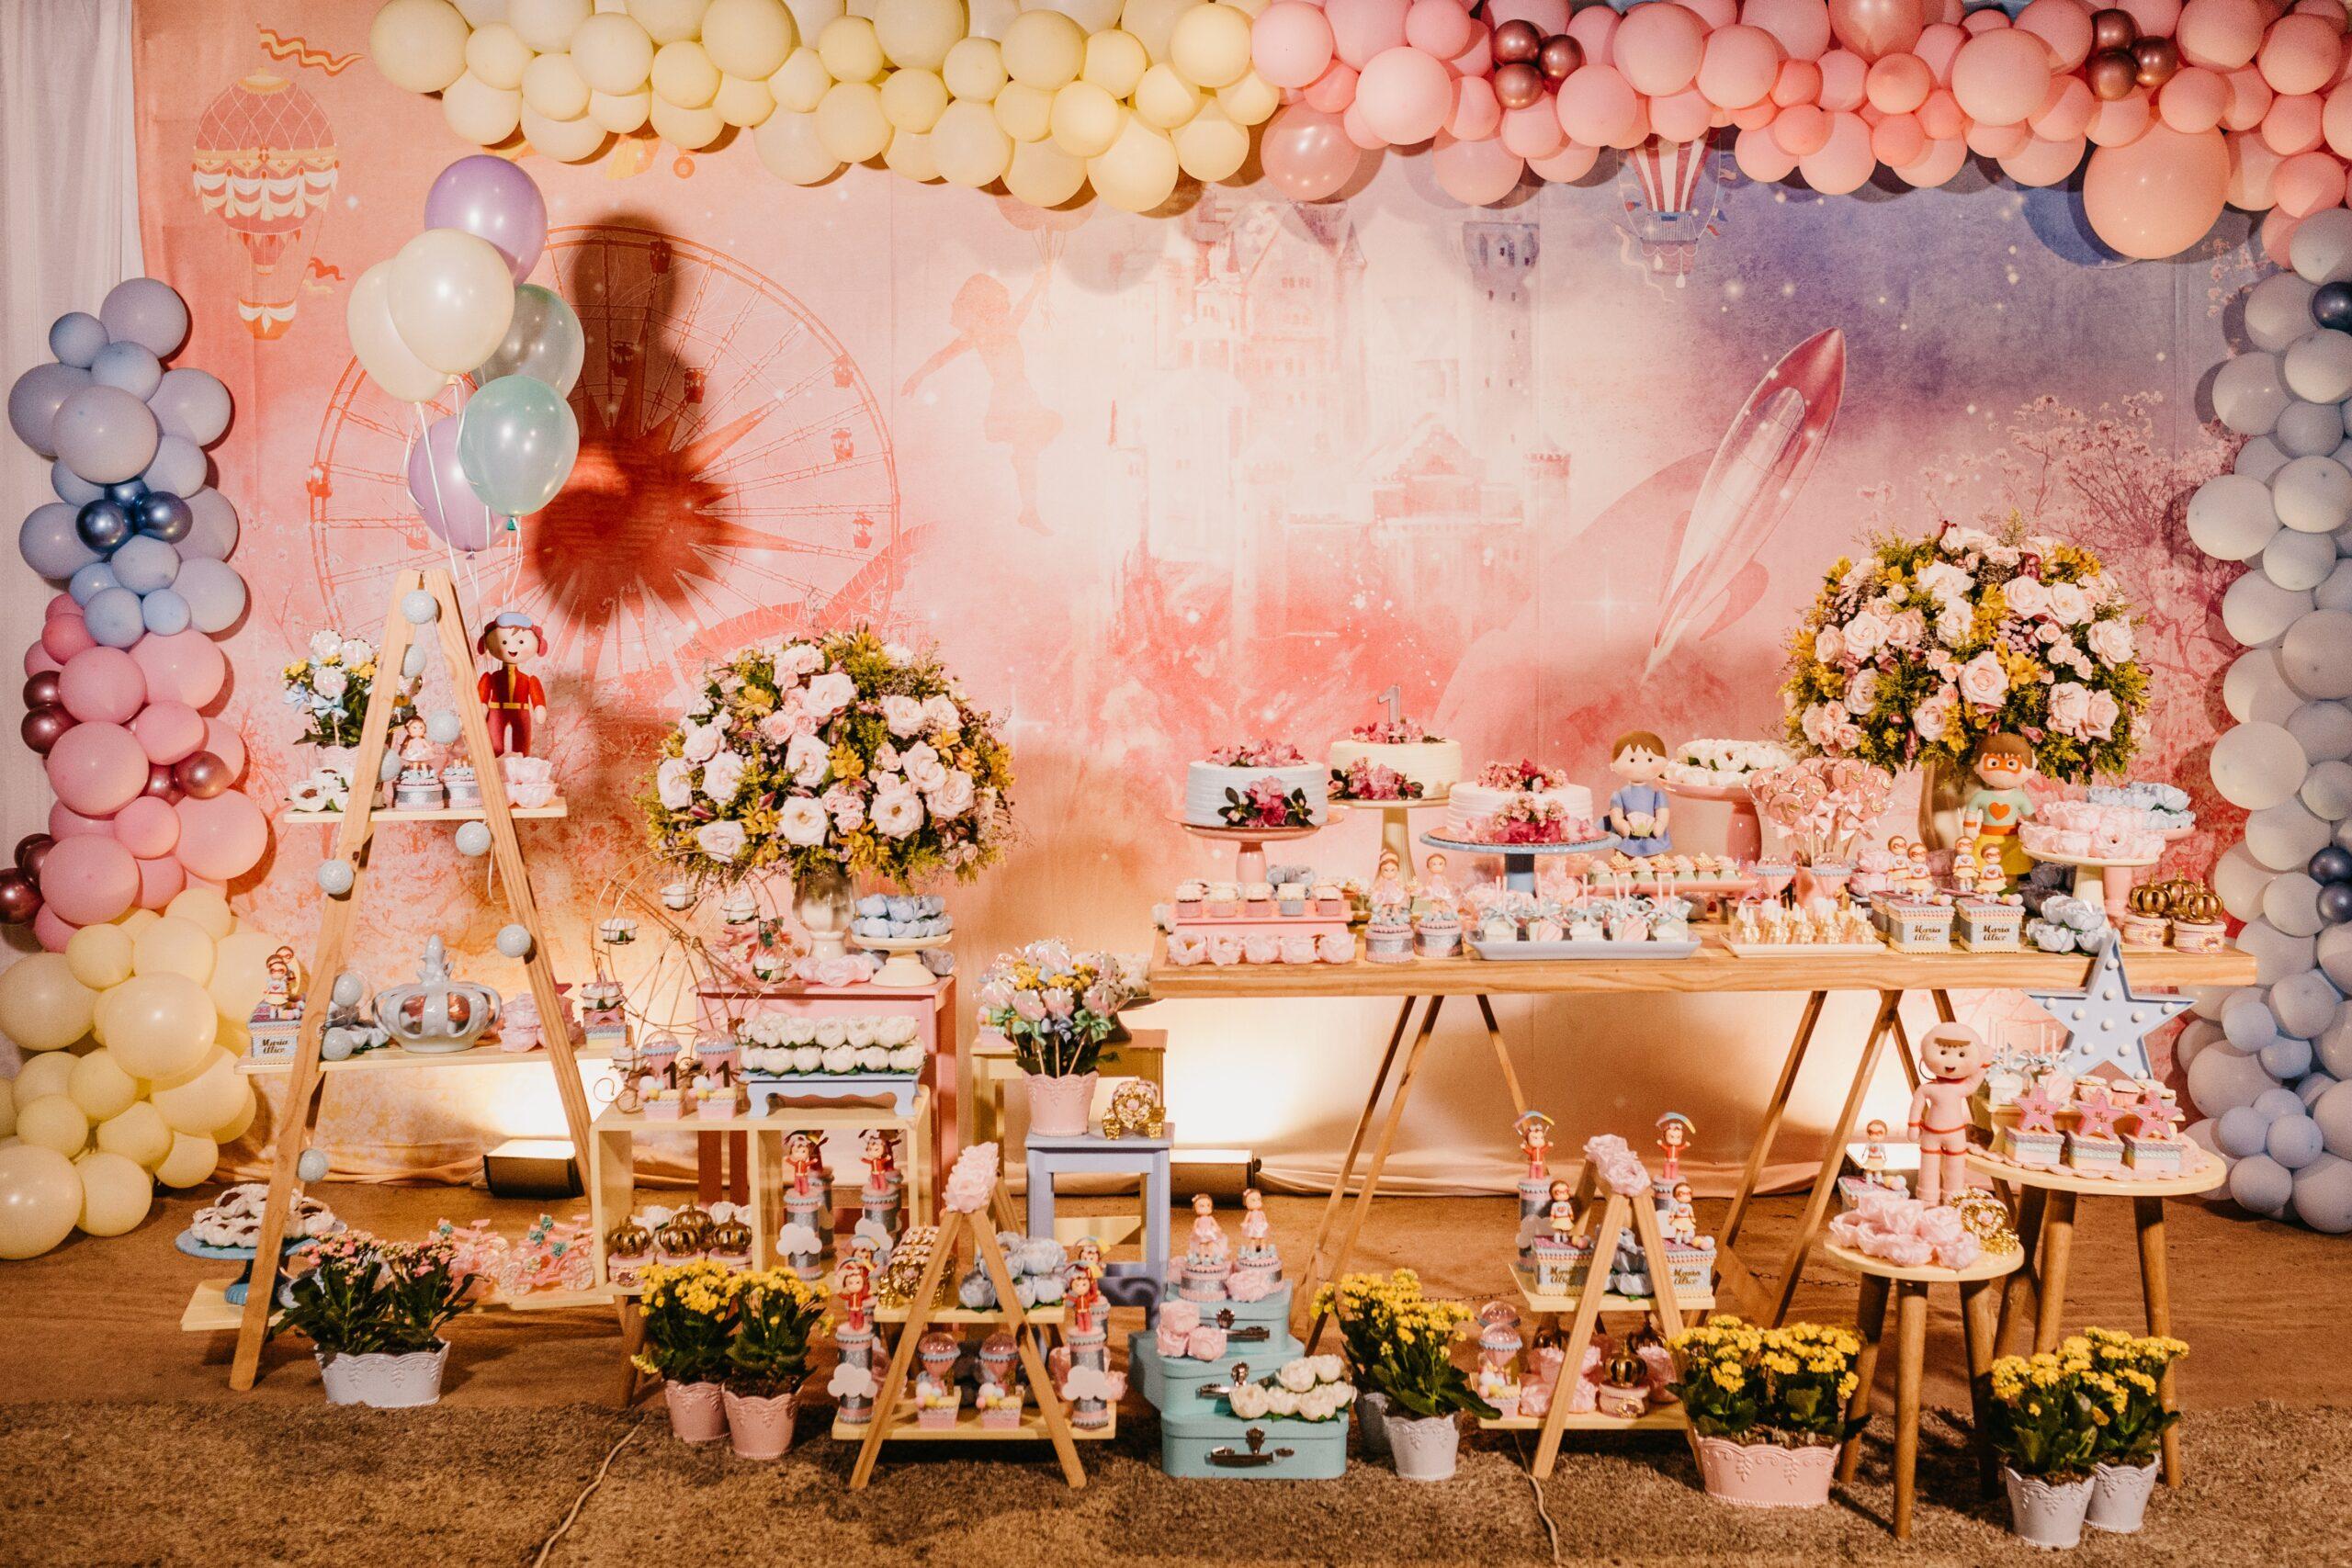 Candy barul de nunta, surpriza dulce dinainte de tortul miresei!